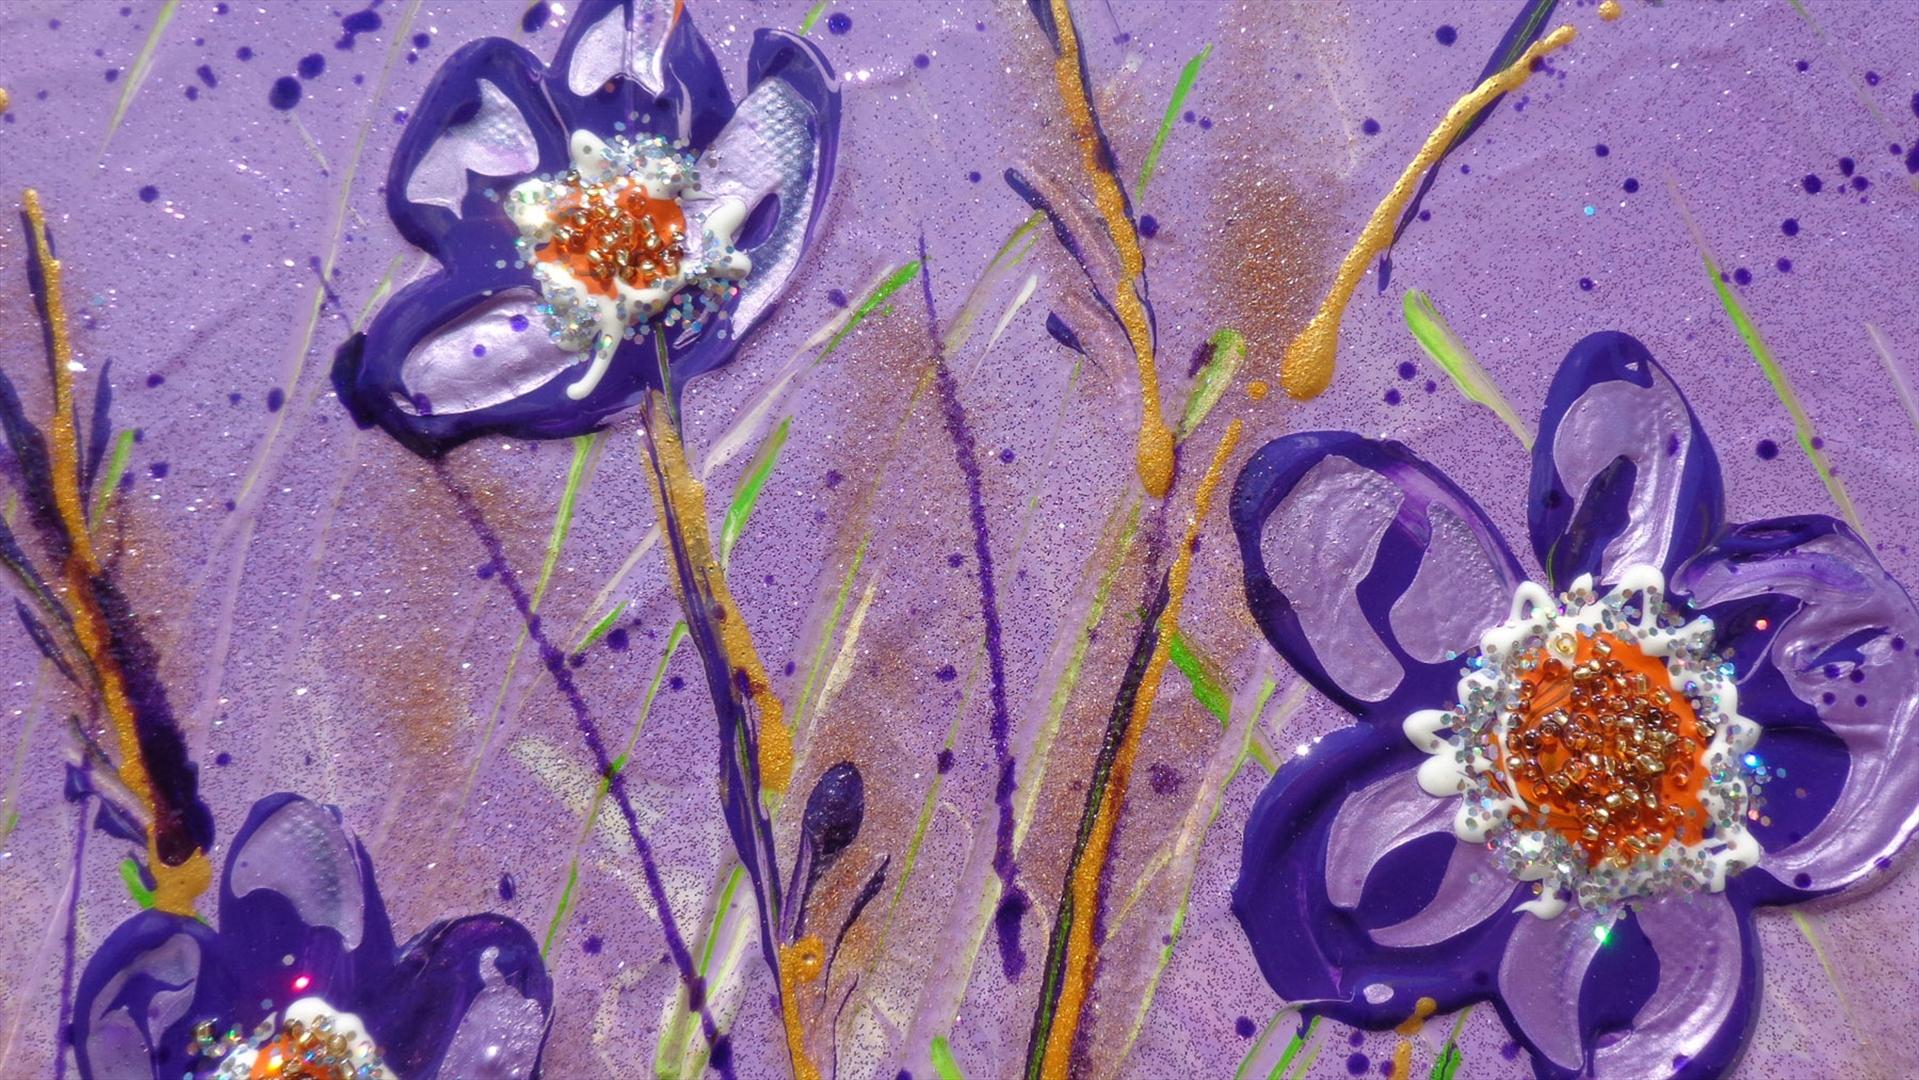 Fiori viola in verticale vendita quadri online quadri for Immagini di quadri con fiori